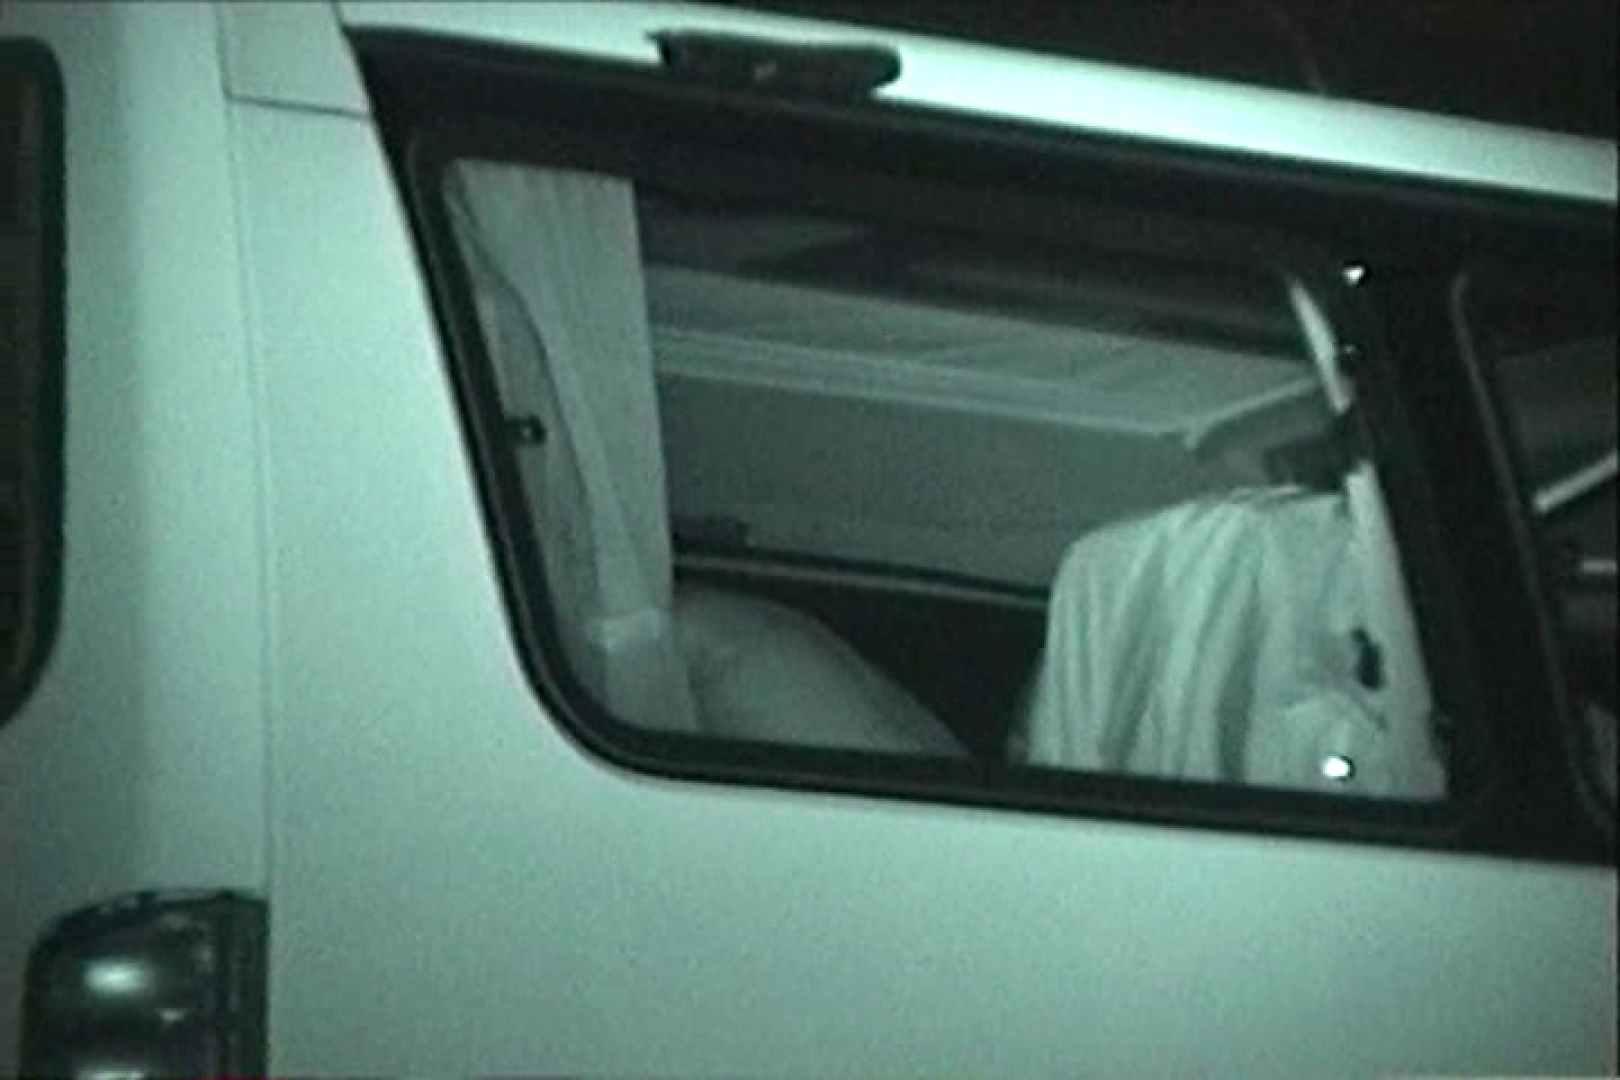 車の中はラブホテル 無修正版  Vol.28 車 おめこ無修正動画無料 99pic 37